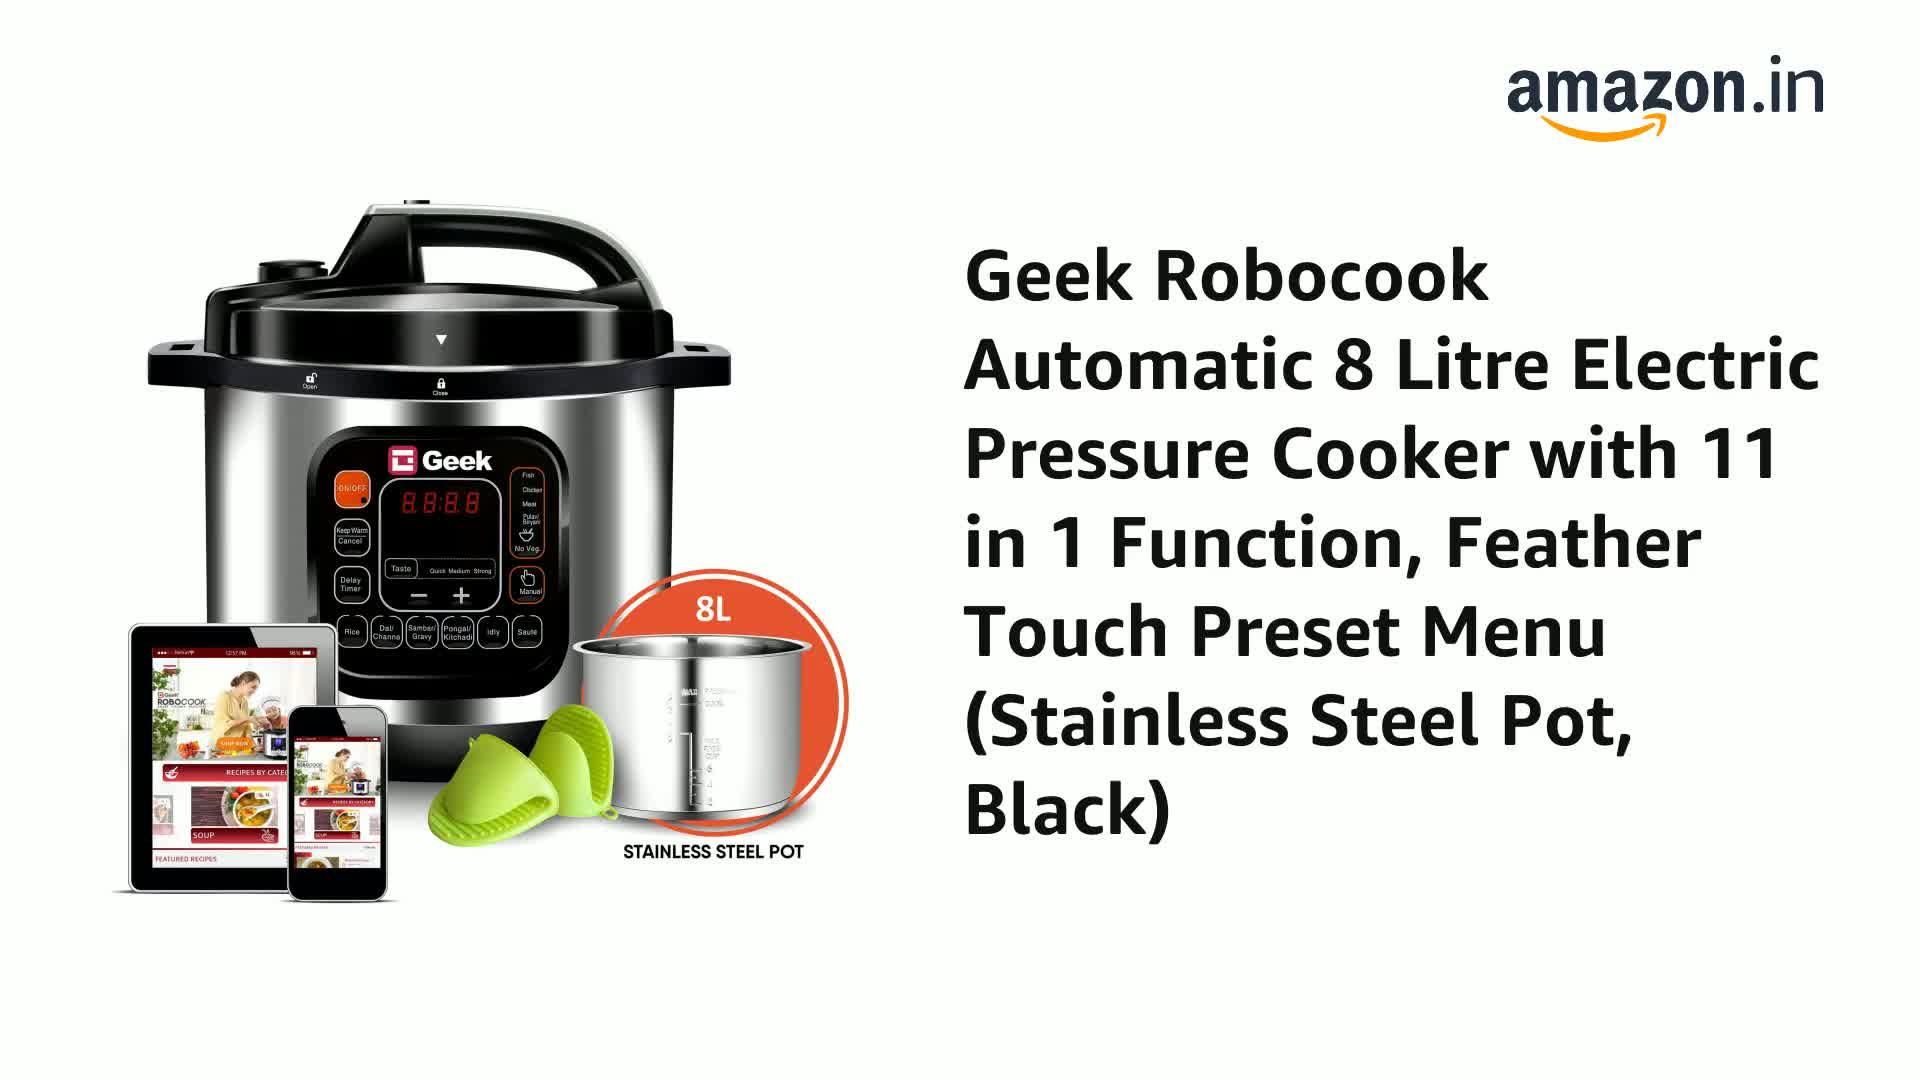 Geek Robocook Zeta 25 litre Electric Pressure Cooker with SS Pot, Black